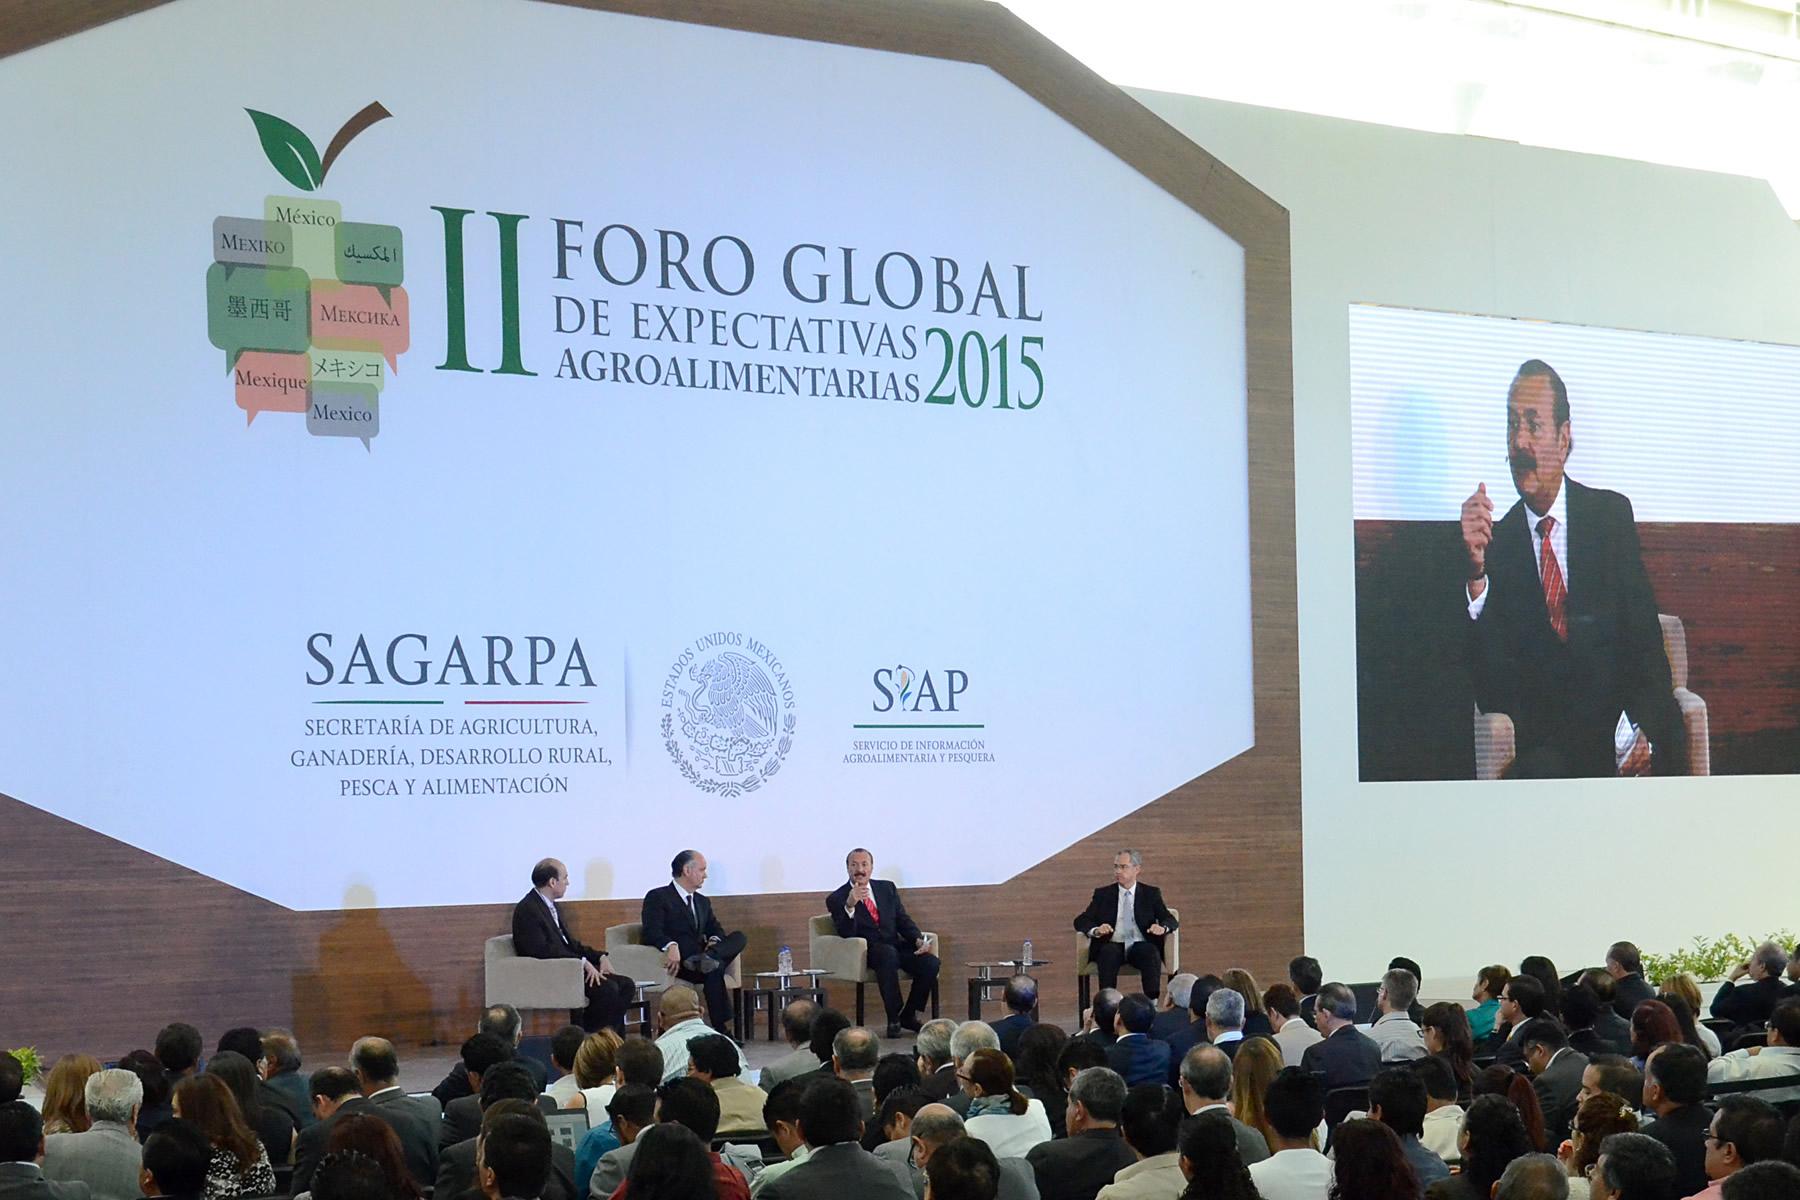 Financiamiento diferenciado y a largo plazo, factor para desarrollo del sector productivo, coinciden en FORO SIAP-SAGARPA.